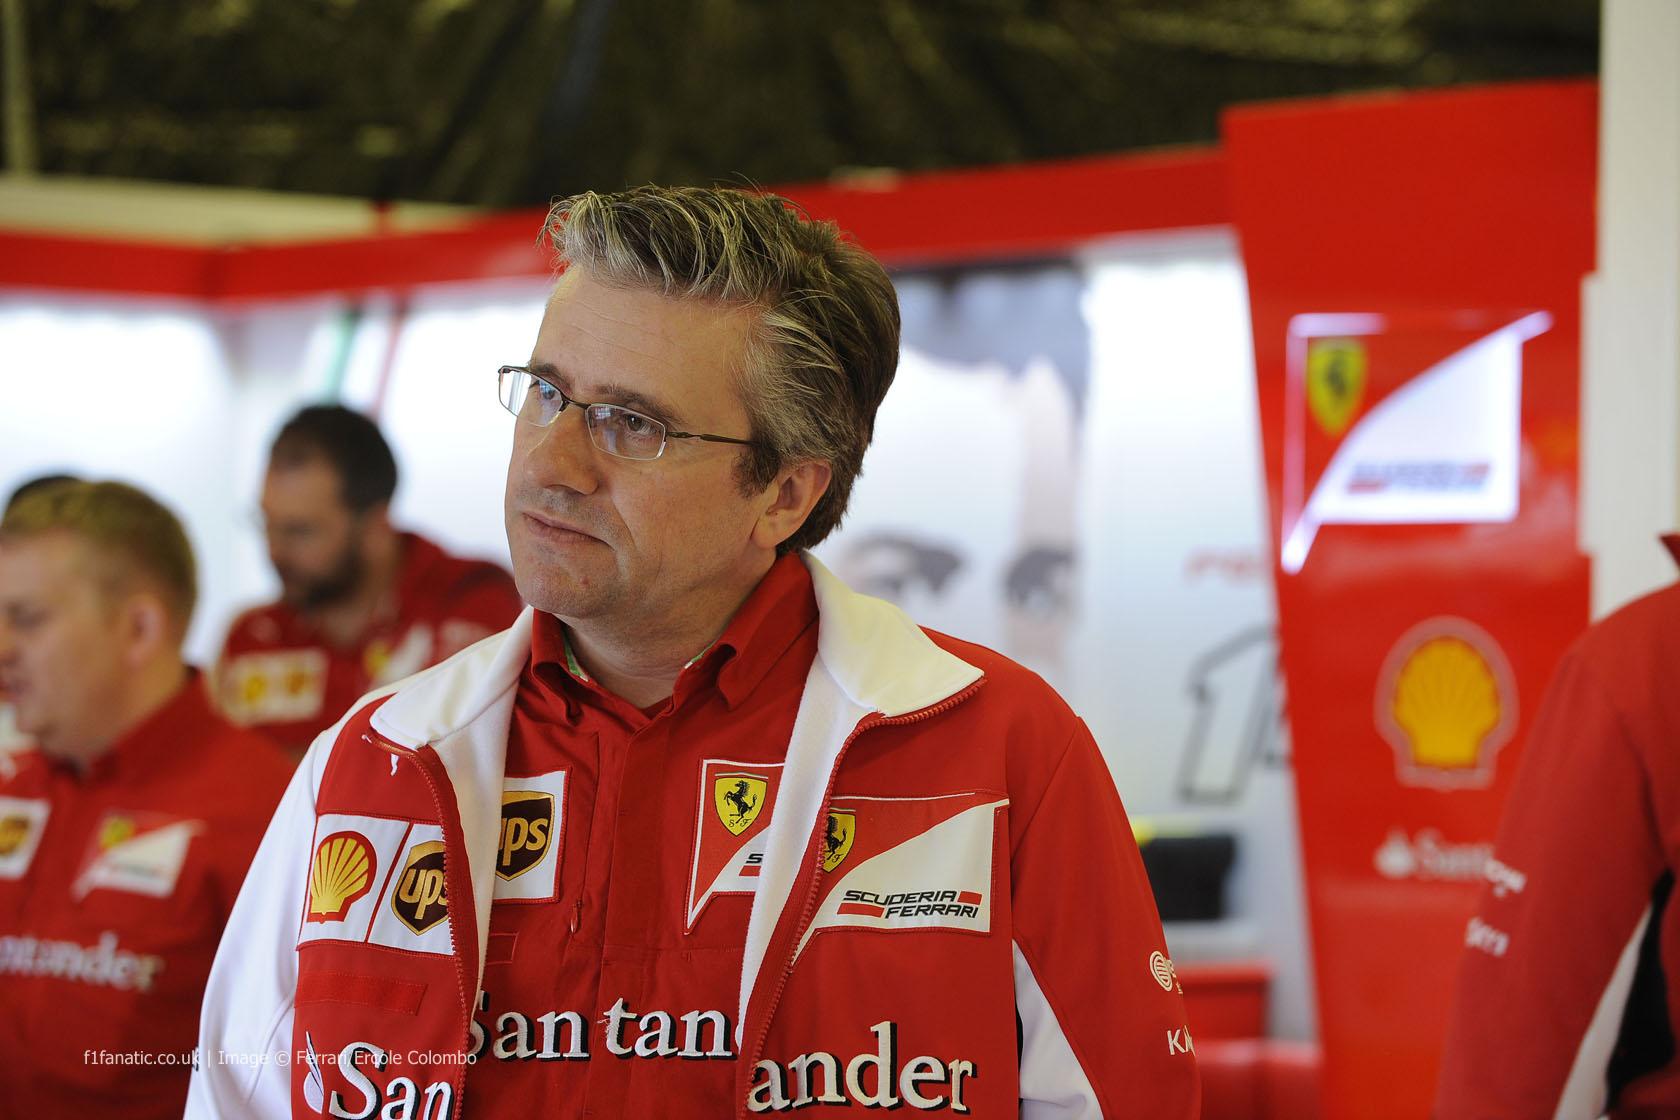 Pat Fry, Ferrari, Albert Park, 2014